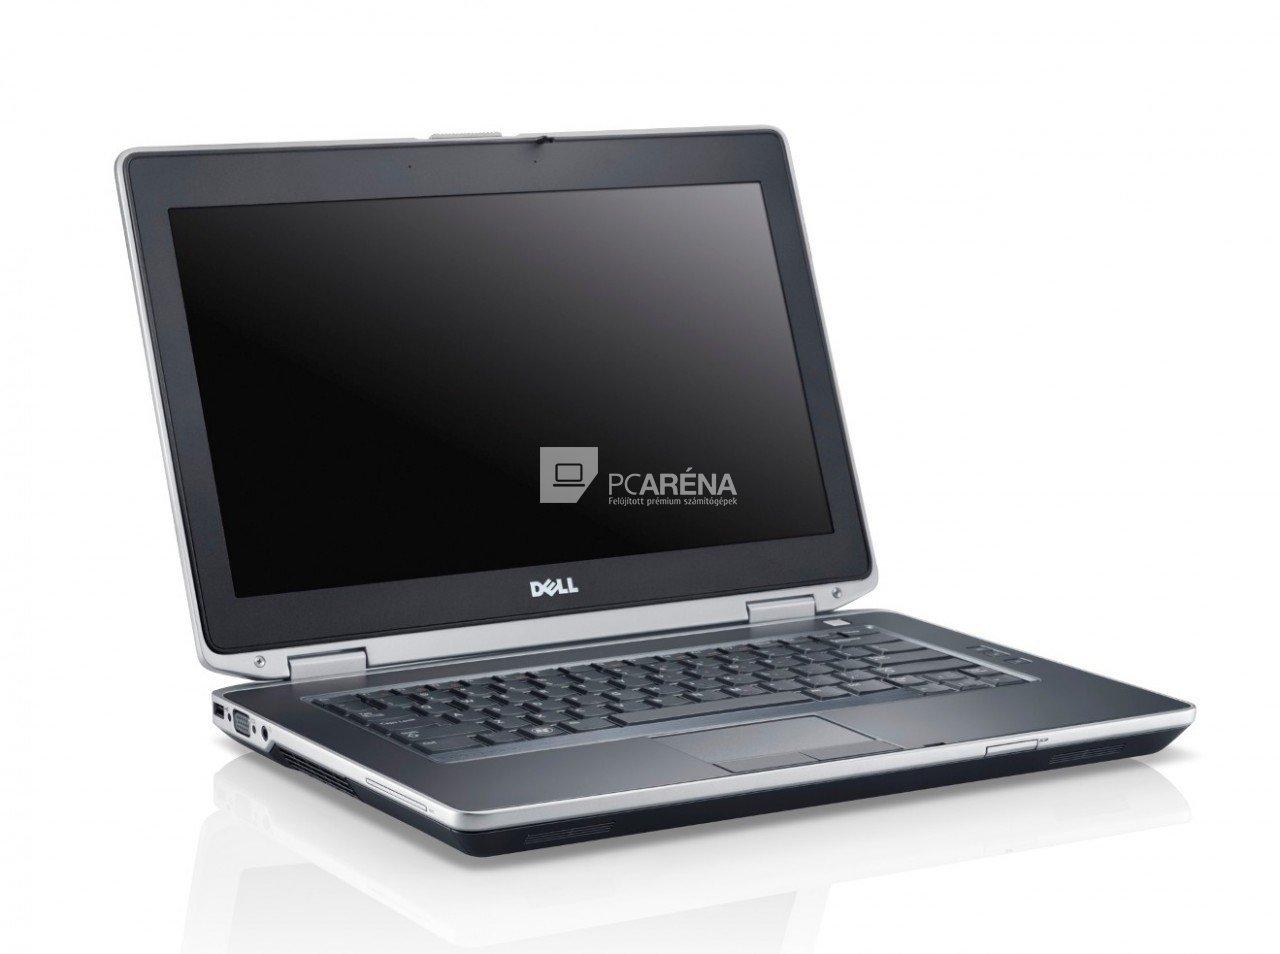 Dell Latitude E6430 HUN laptop